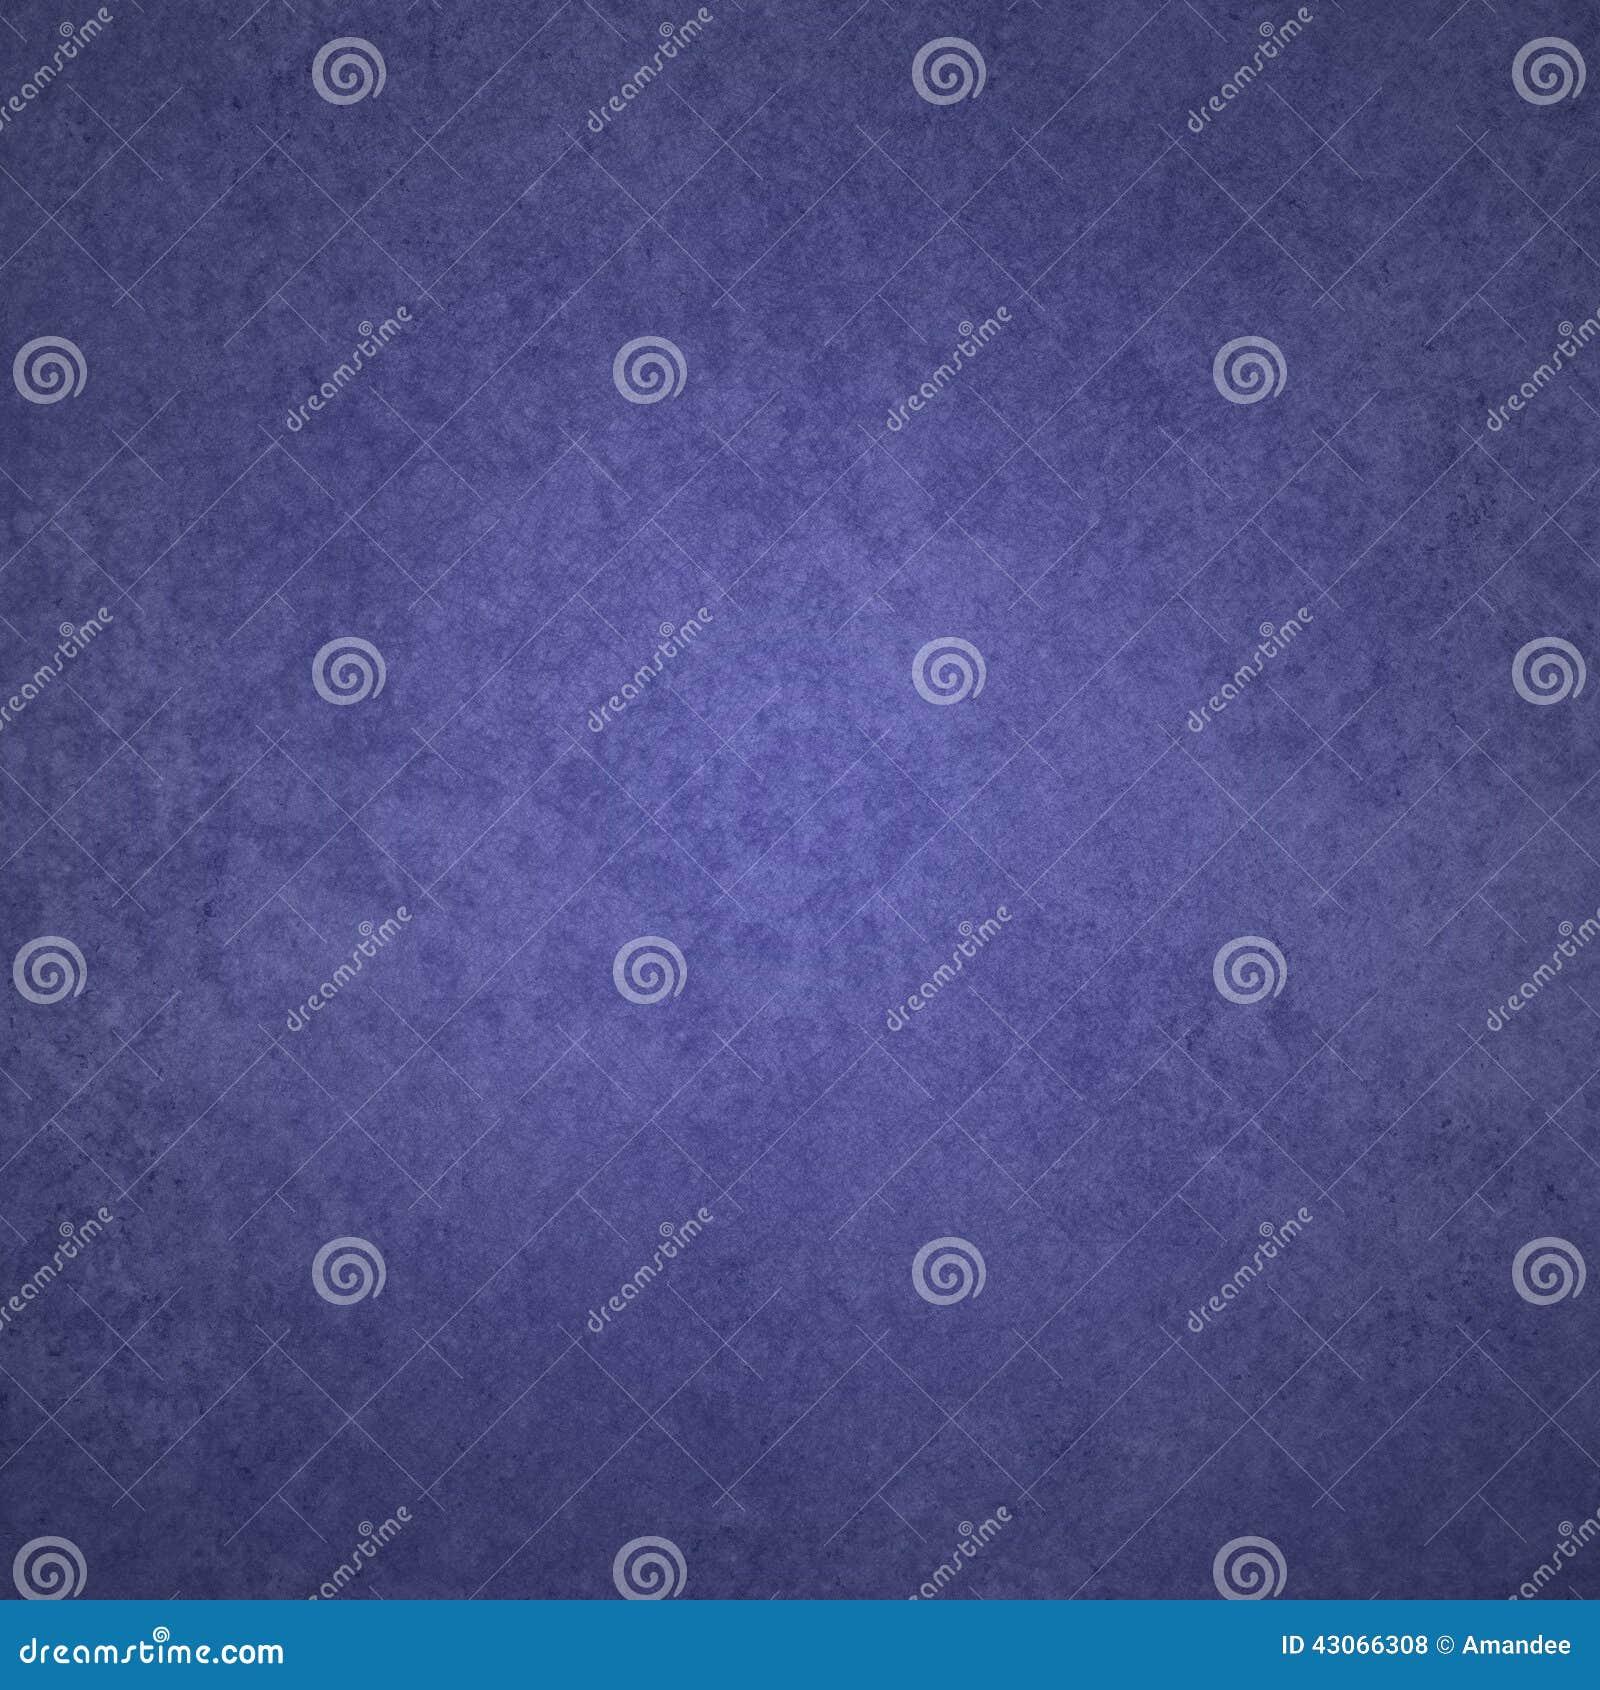 Projeto rico luxuoso da textura do fundo do grunge do vintage do fundo azul abstrato com pintura antiga elegante na ilustração da